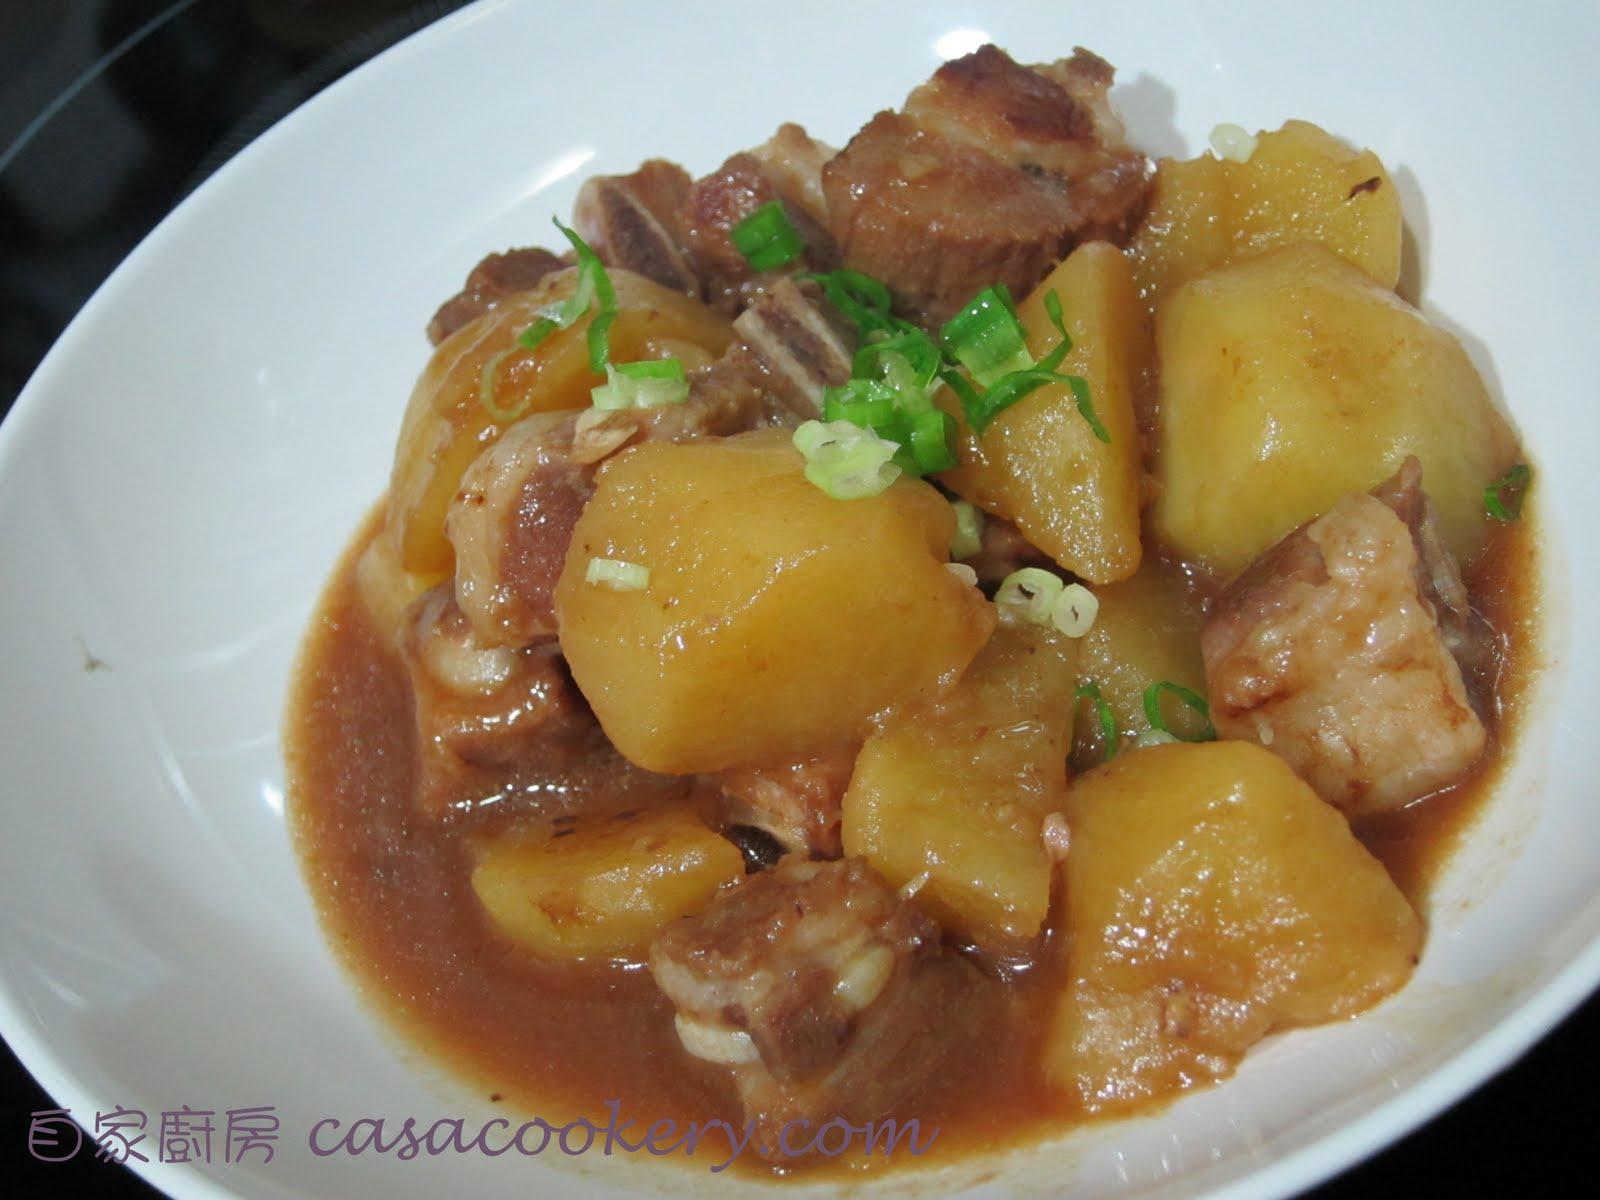 自家廚房 CasaCookery: 排骨炆薯仔